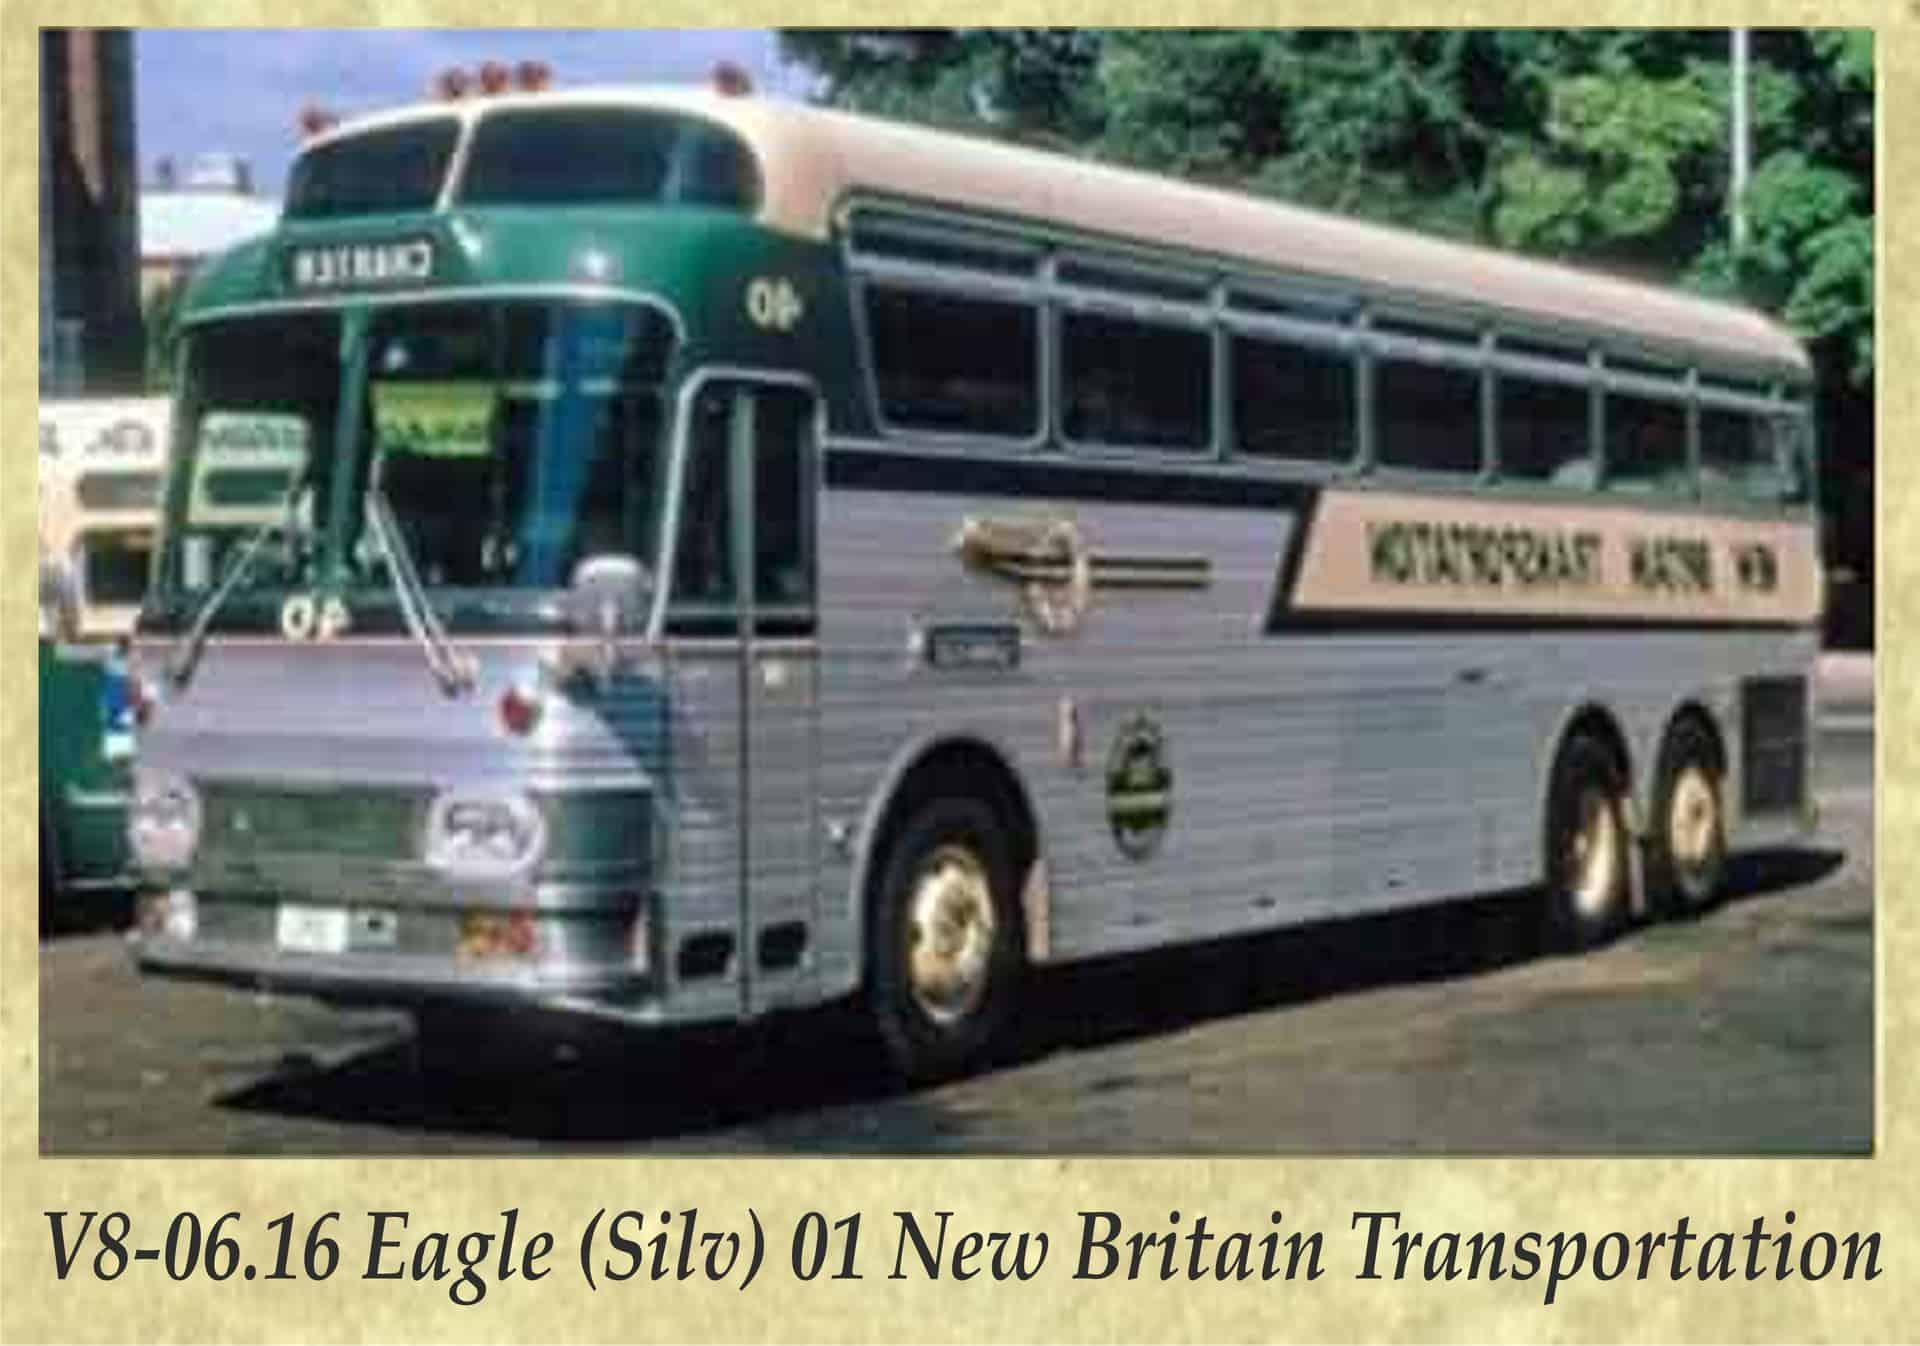 V8-06.16 Eagle (Silv) 01 New Britain Transportation